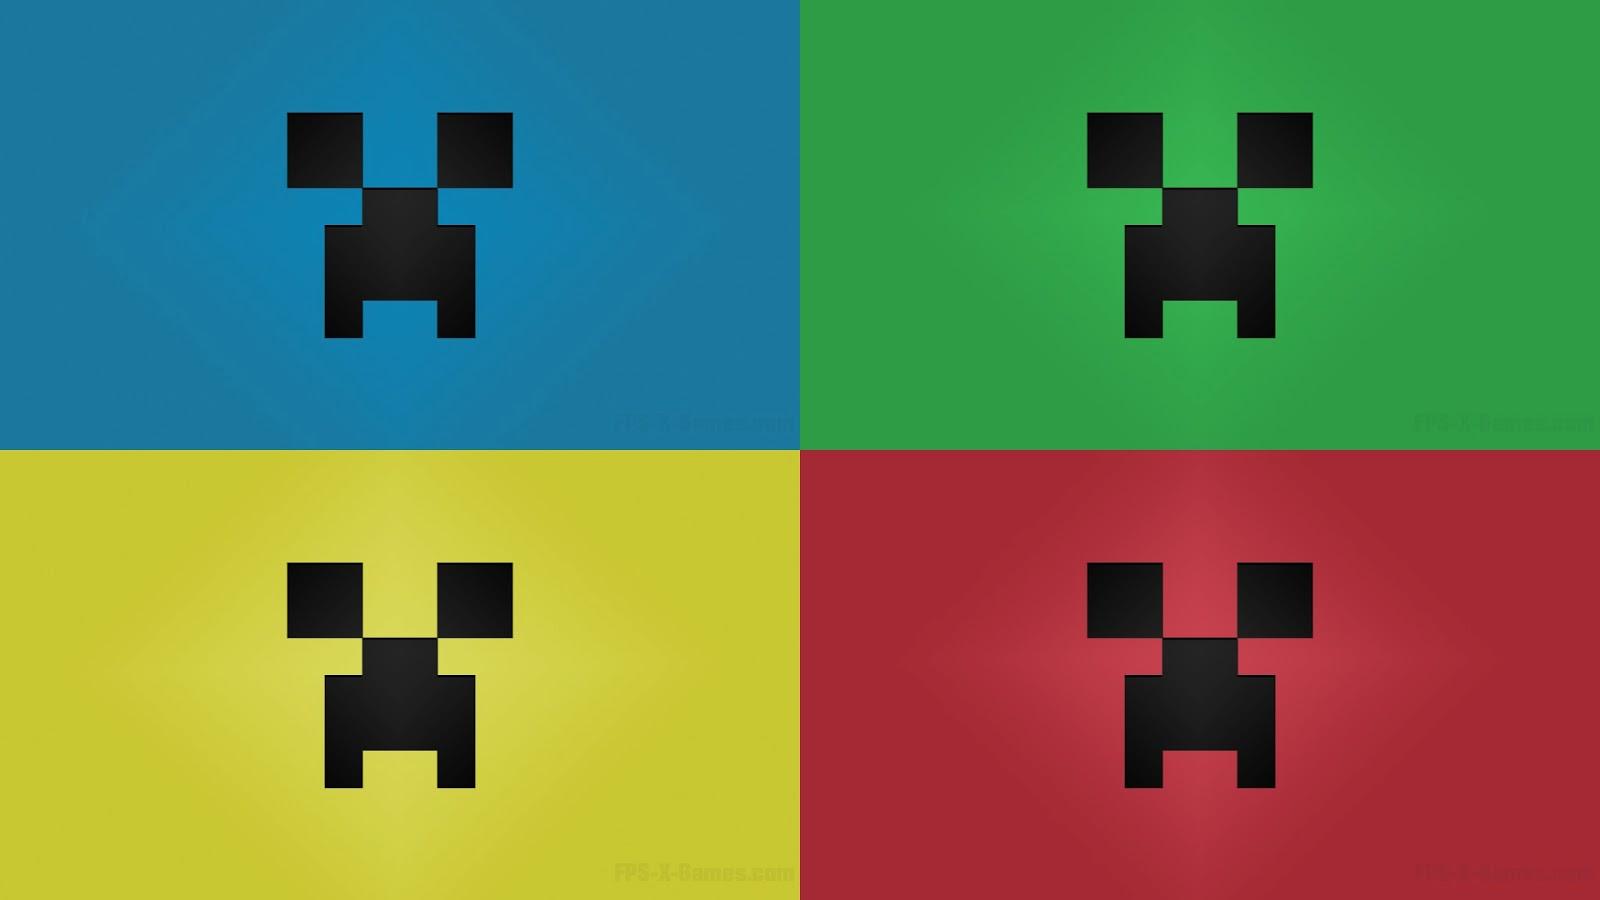 17 <b>Creeper</b> (<b>Minecraft</b>) HD <b>Wallpapers</b> | <b>Backgrounds</b> - <b>Wallpaper</b> Abyss